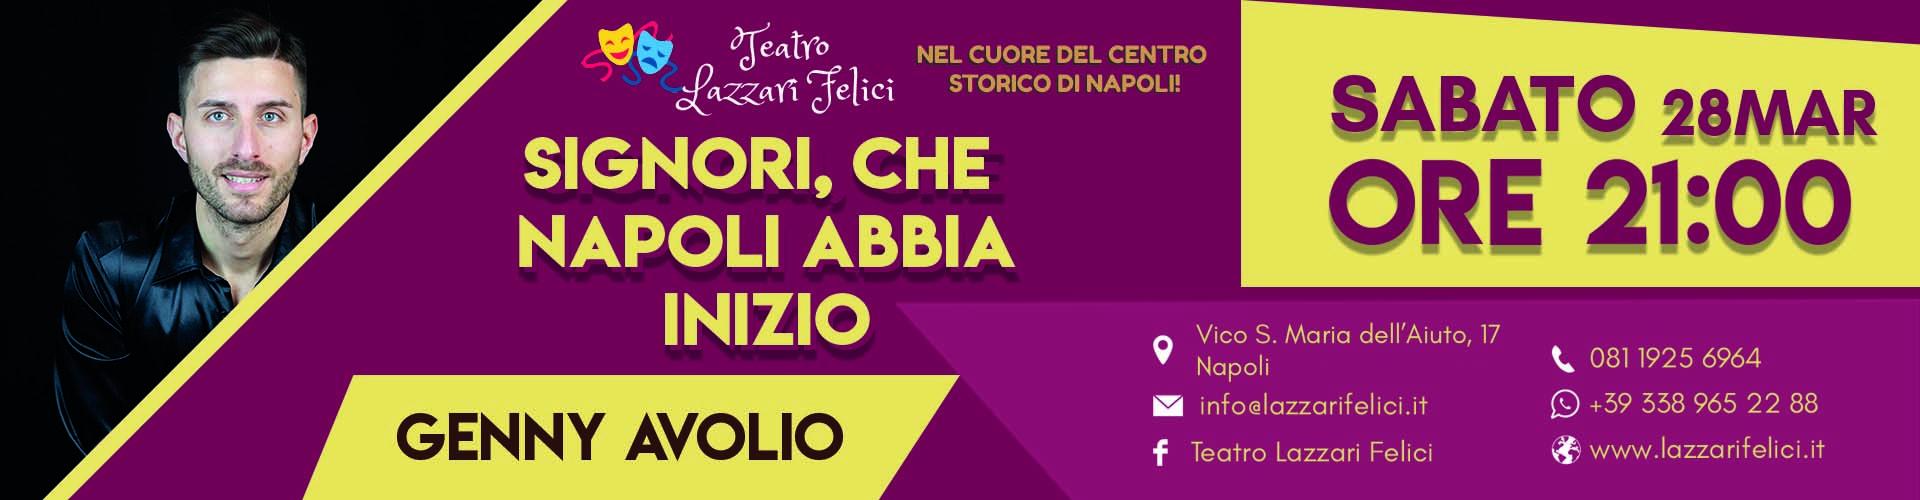 Spettacolo musical teatrale con Genny Avolio